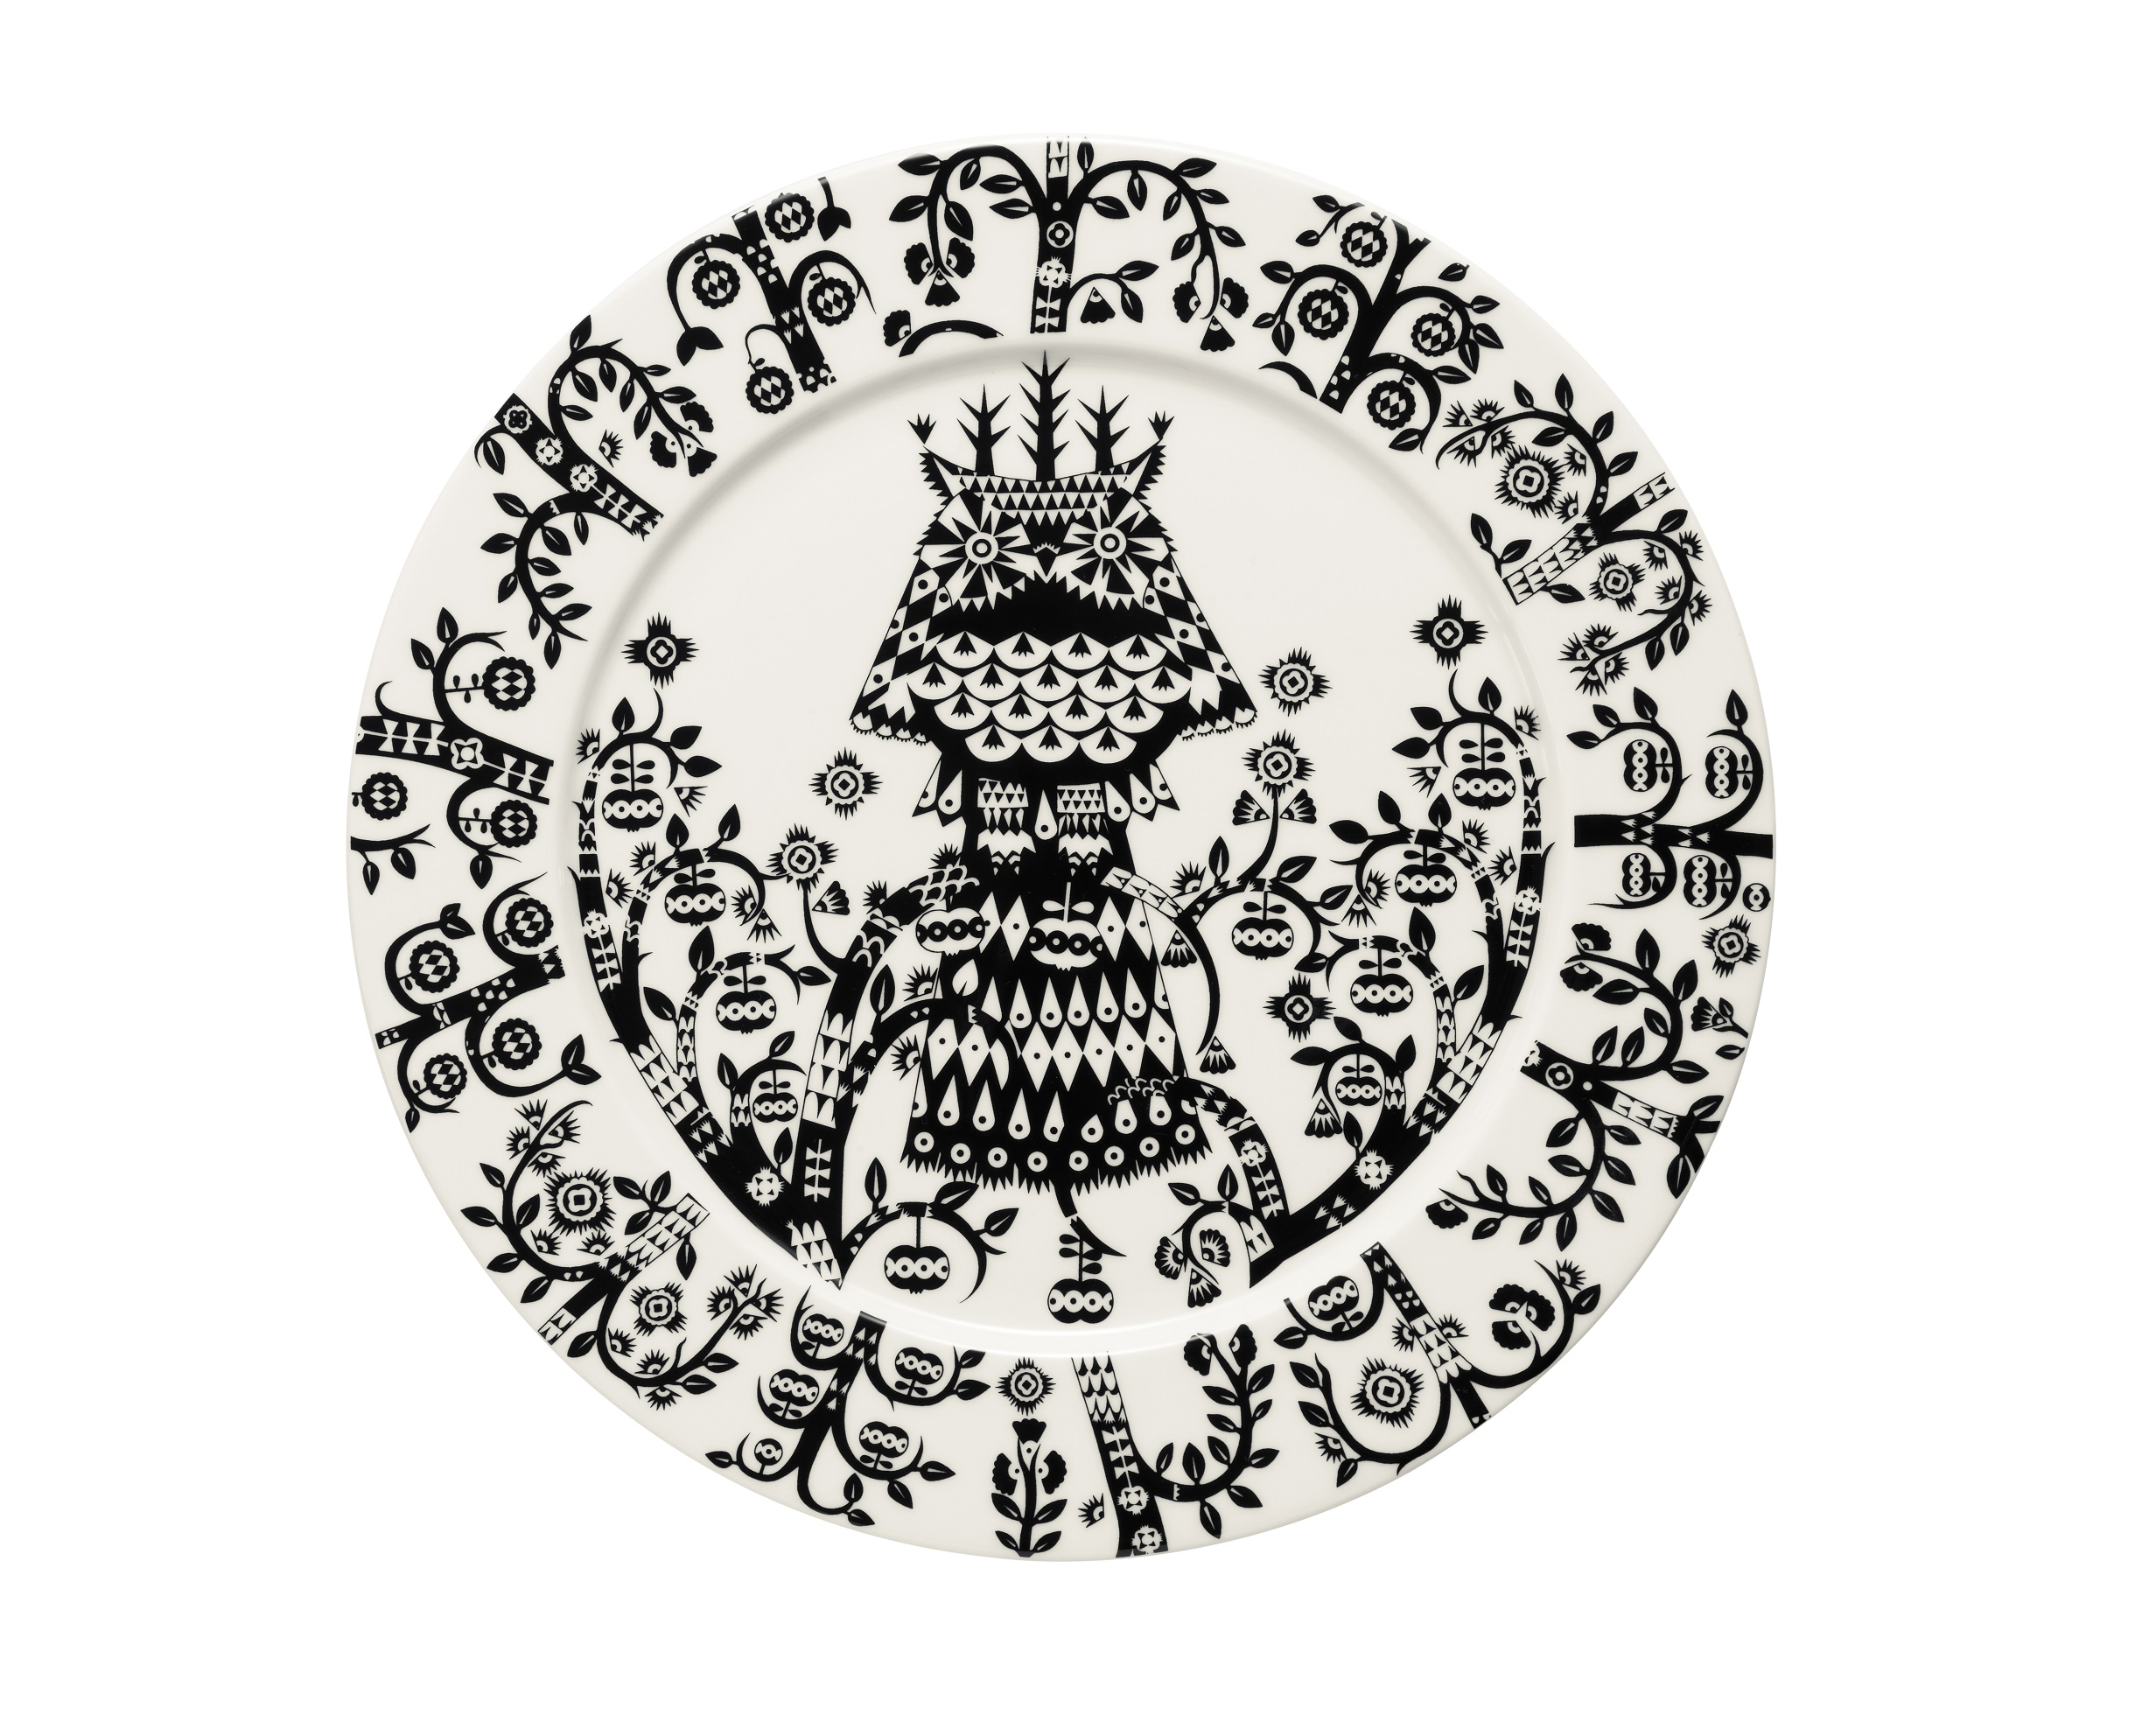 Тарелка TaikaТарелки<br>На финском языке Taika означает «волшебство». Знаменитый финиский дизайнер и иллюстратор Klaus Haapaniemi хочет, чтобы его иллюстрации дали толчок вашему воображению. В сочетании с другими сериями Iittala, Taika позволяет прикоснуться к миру фантазии, впустить волшебство в нашу повседневную жизнь.<br><br>Material: Фарфор<br>Высота см: 1